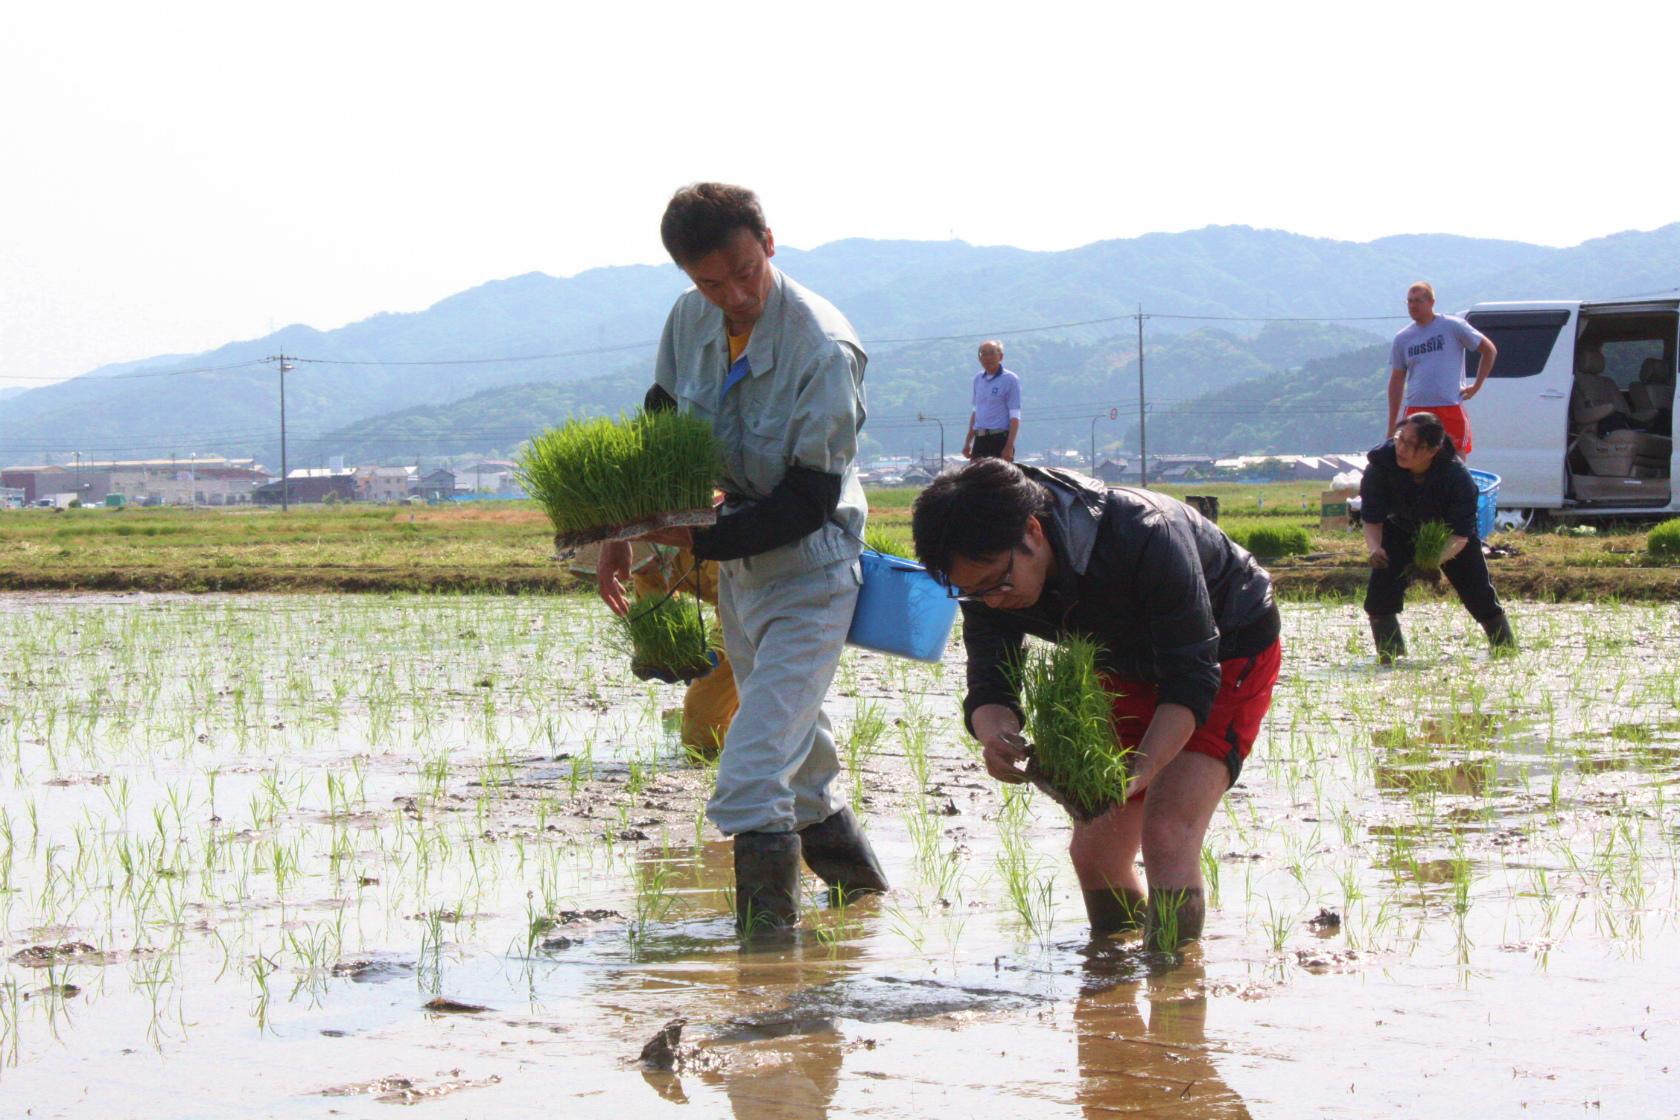 http://www.kaiho.co.jp/jp/news/img/20140524-5.jpg